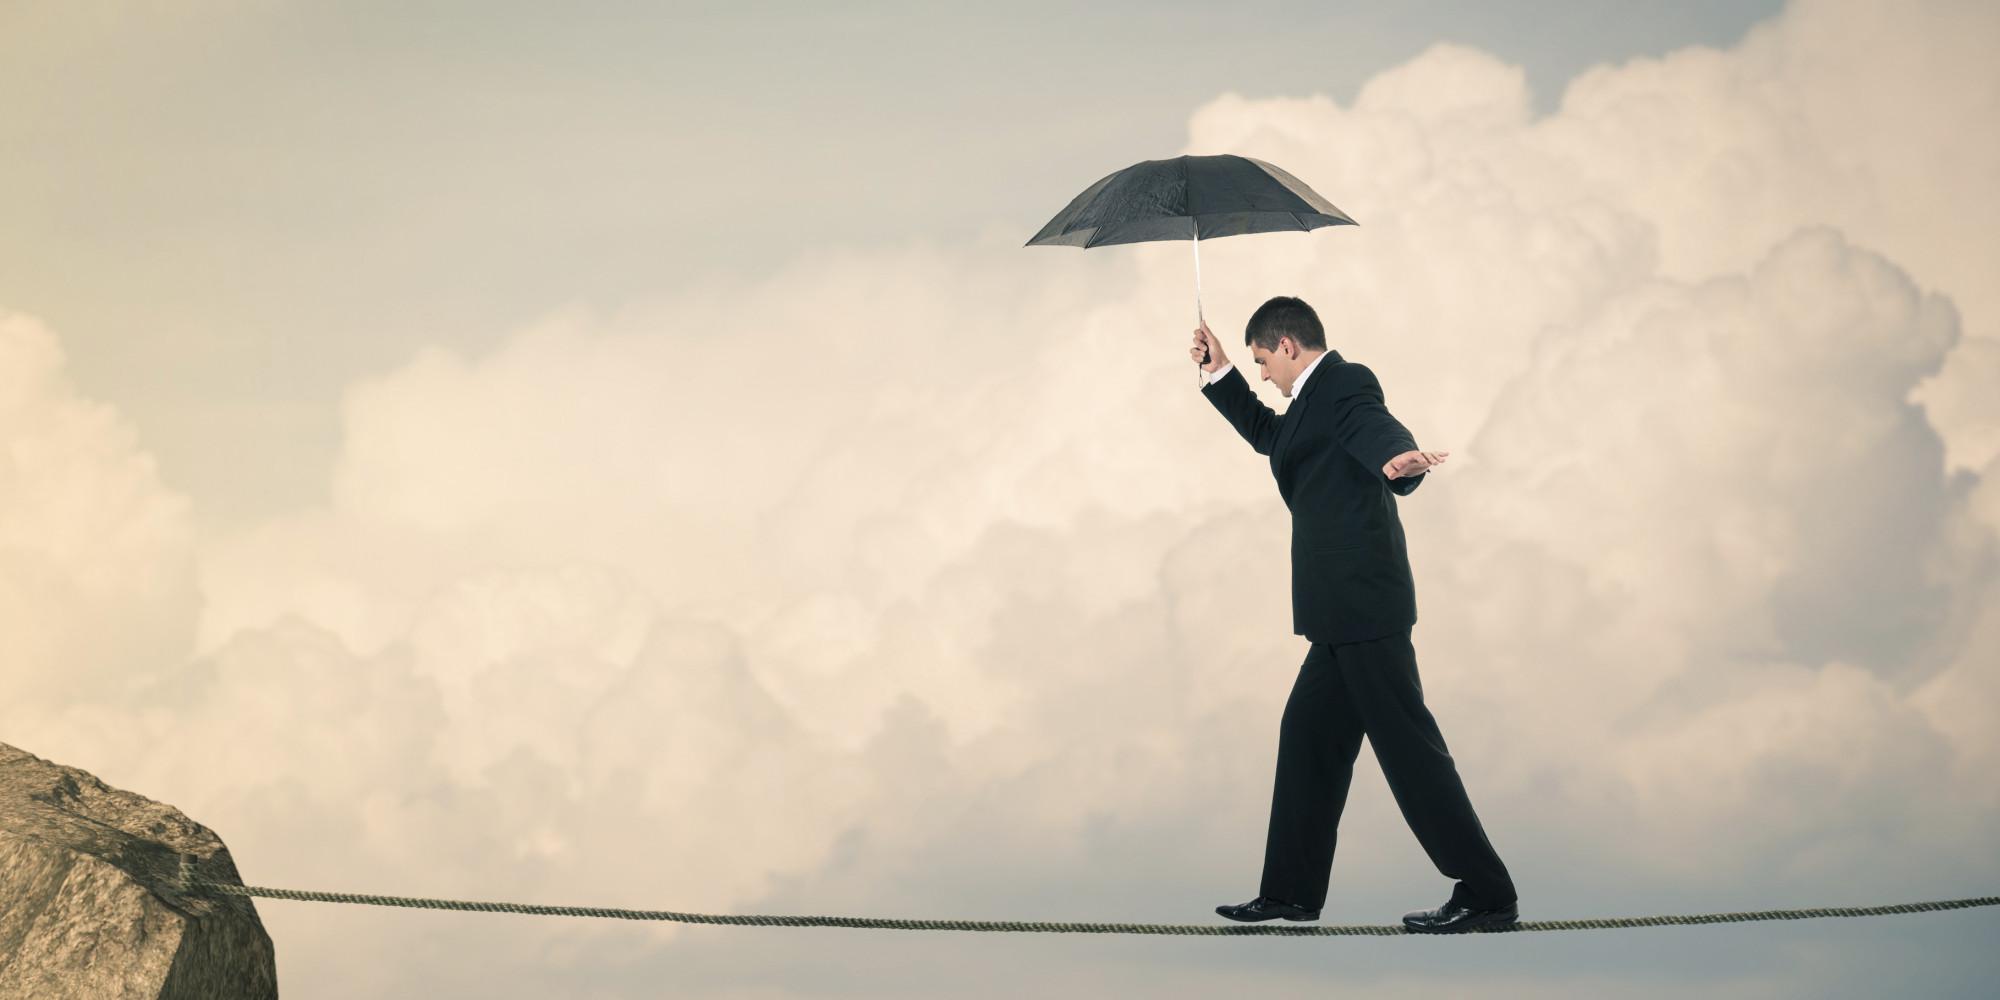 תוצאת תמונה עבור Risks are you sweating? are you Sweating? o BUSINESS RISKS facebook